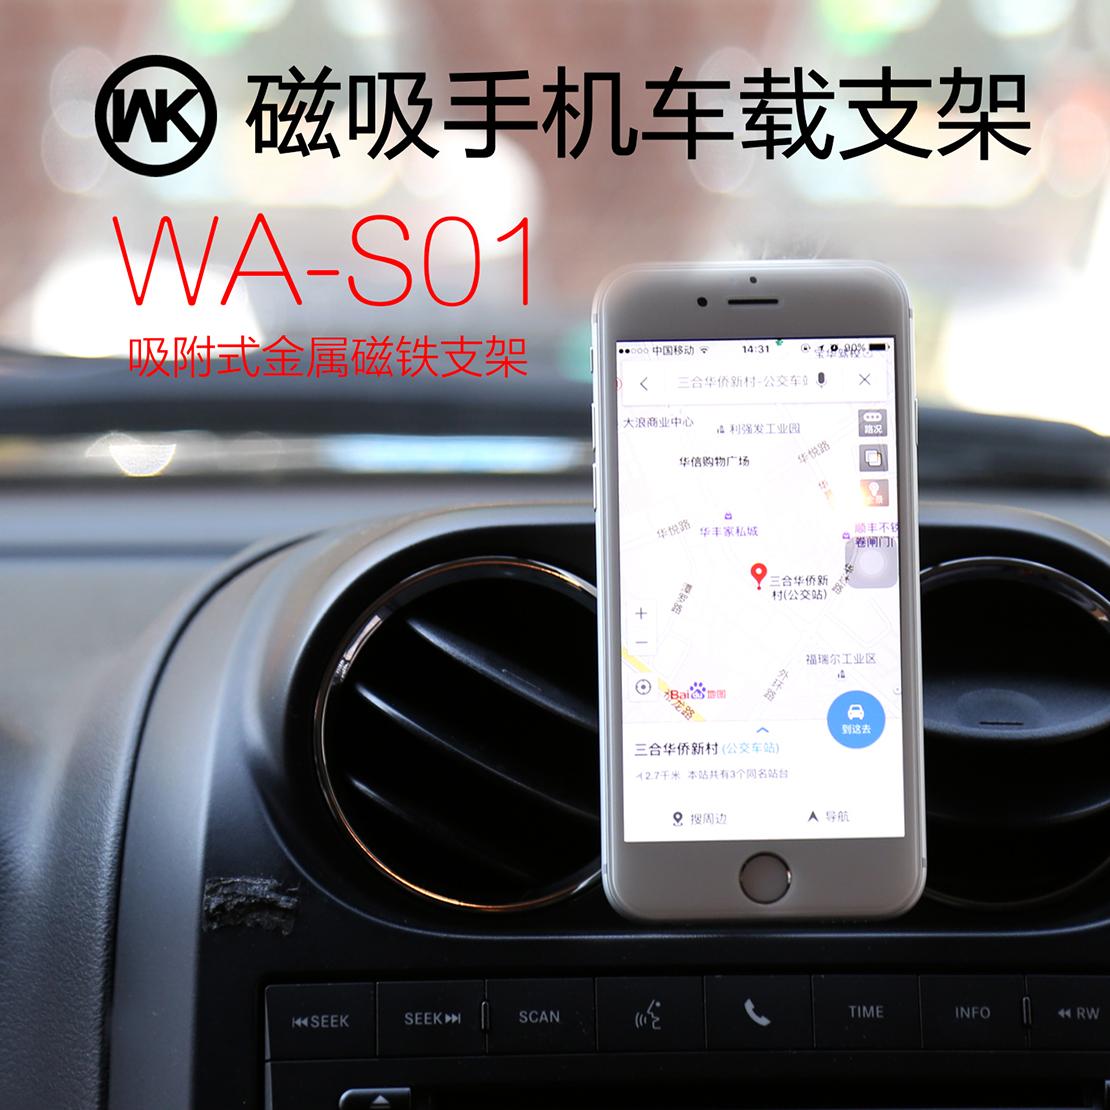 Lanjarjaya Tempat Koin Kartu Mobil Coin Card Car Holder Buy 1 Get Source . Source · WK Magnetic Car Holder 360 Degree - WA-S01 berfungsi sebagai tempat ...